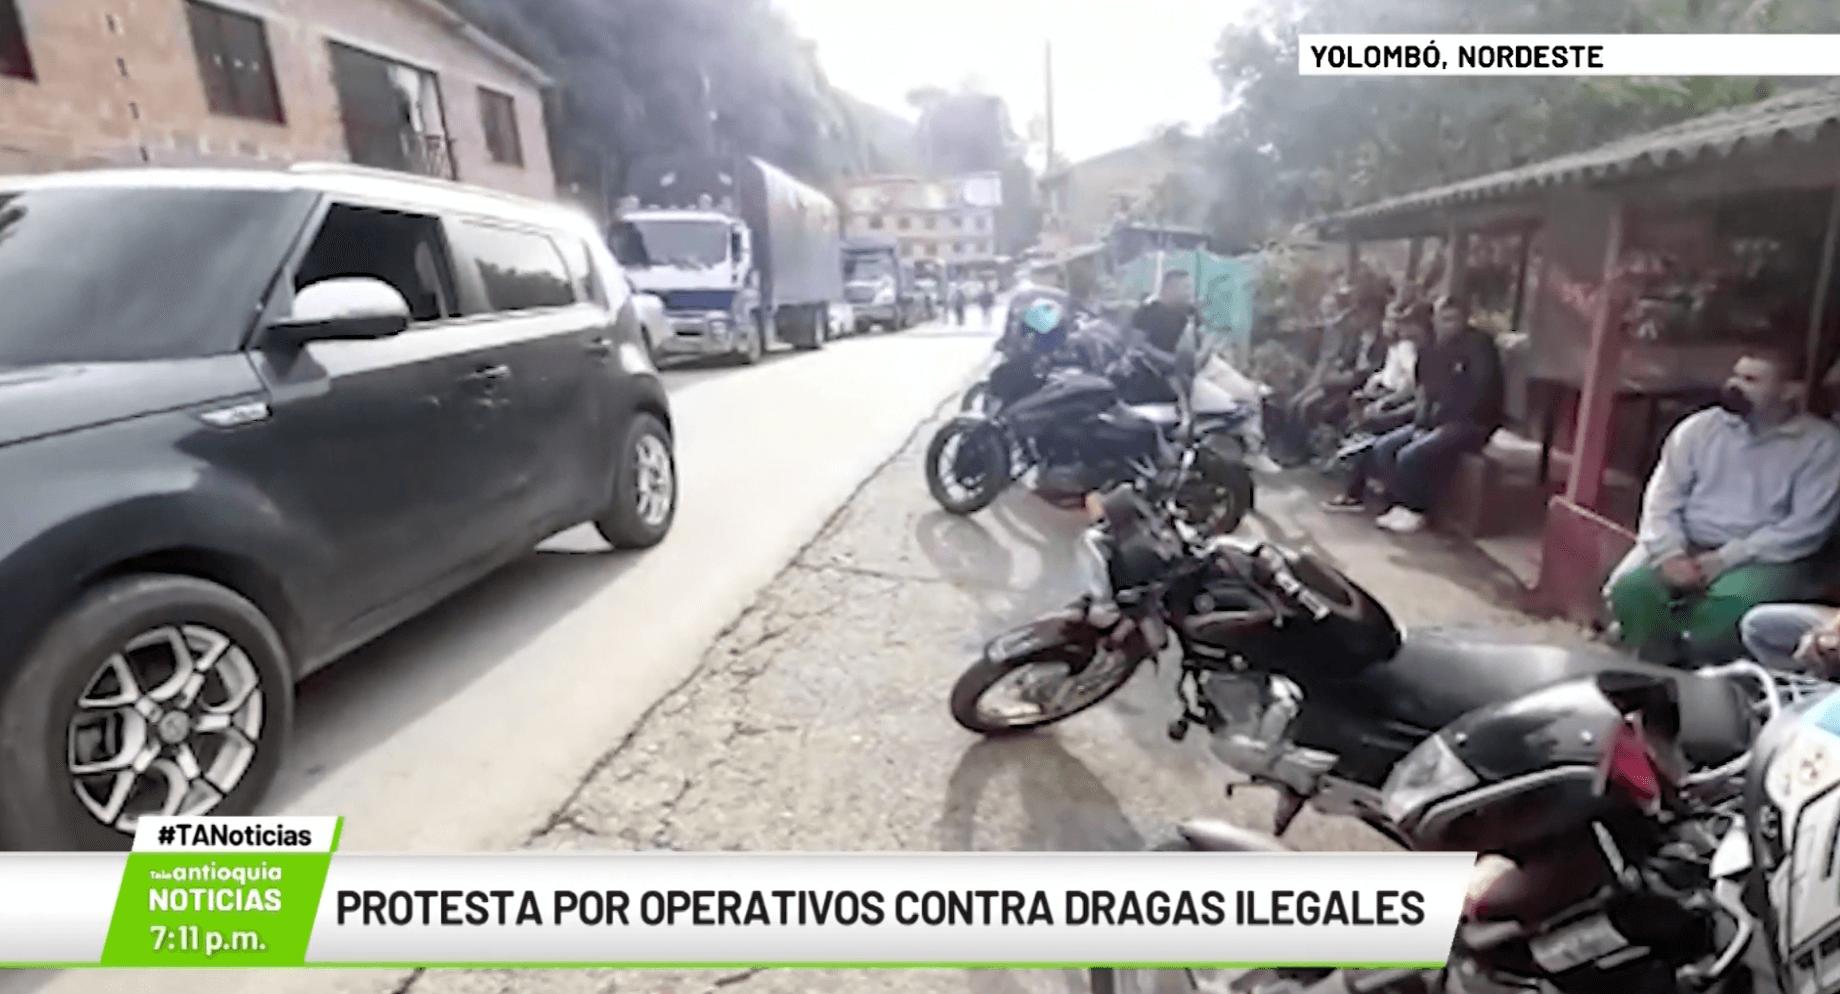 Protesta por operativos contra dragas ilegales